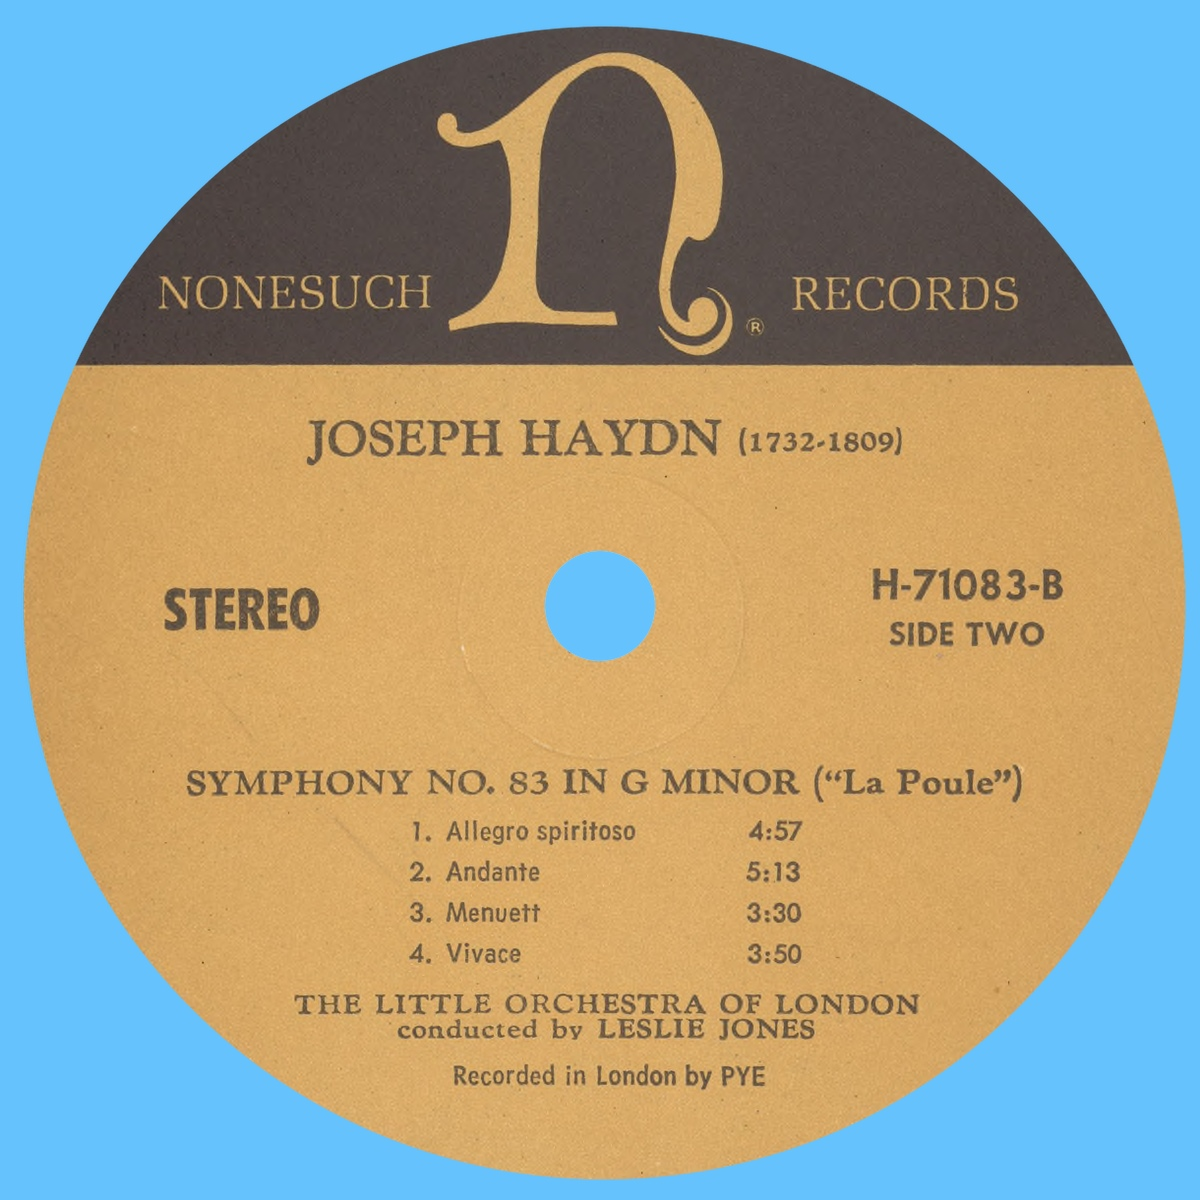 Étiquette verso du disque Nonesuch H 71083